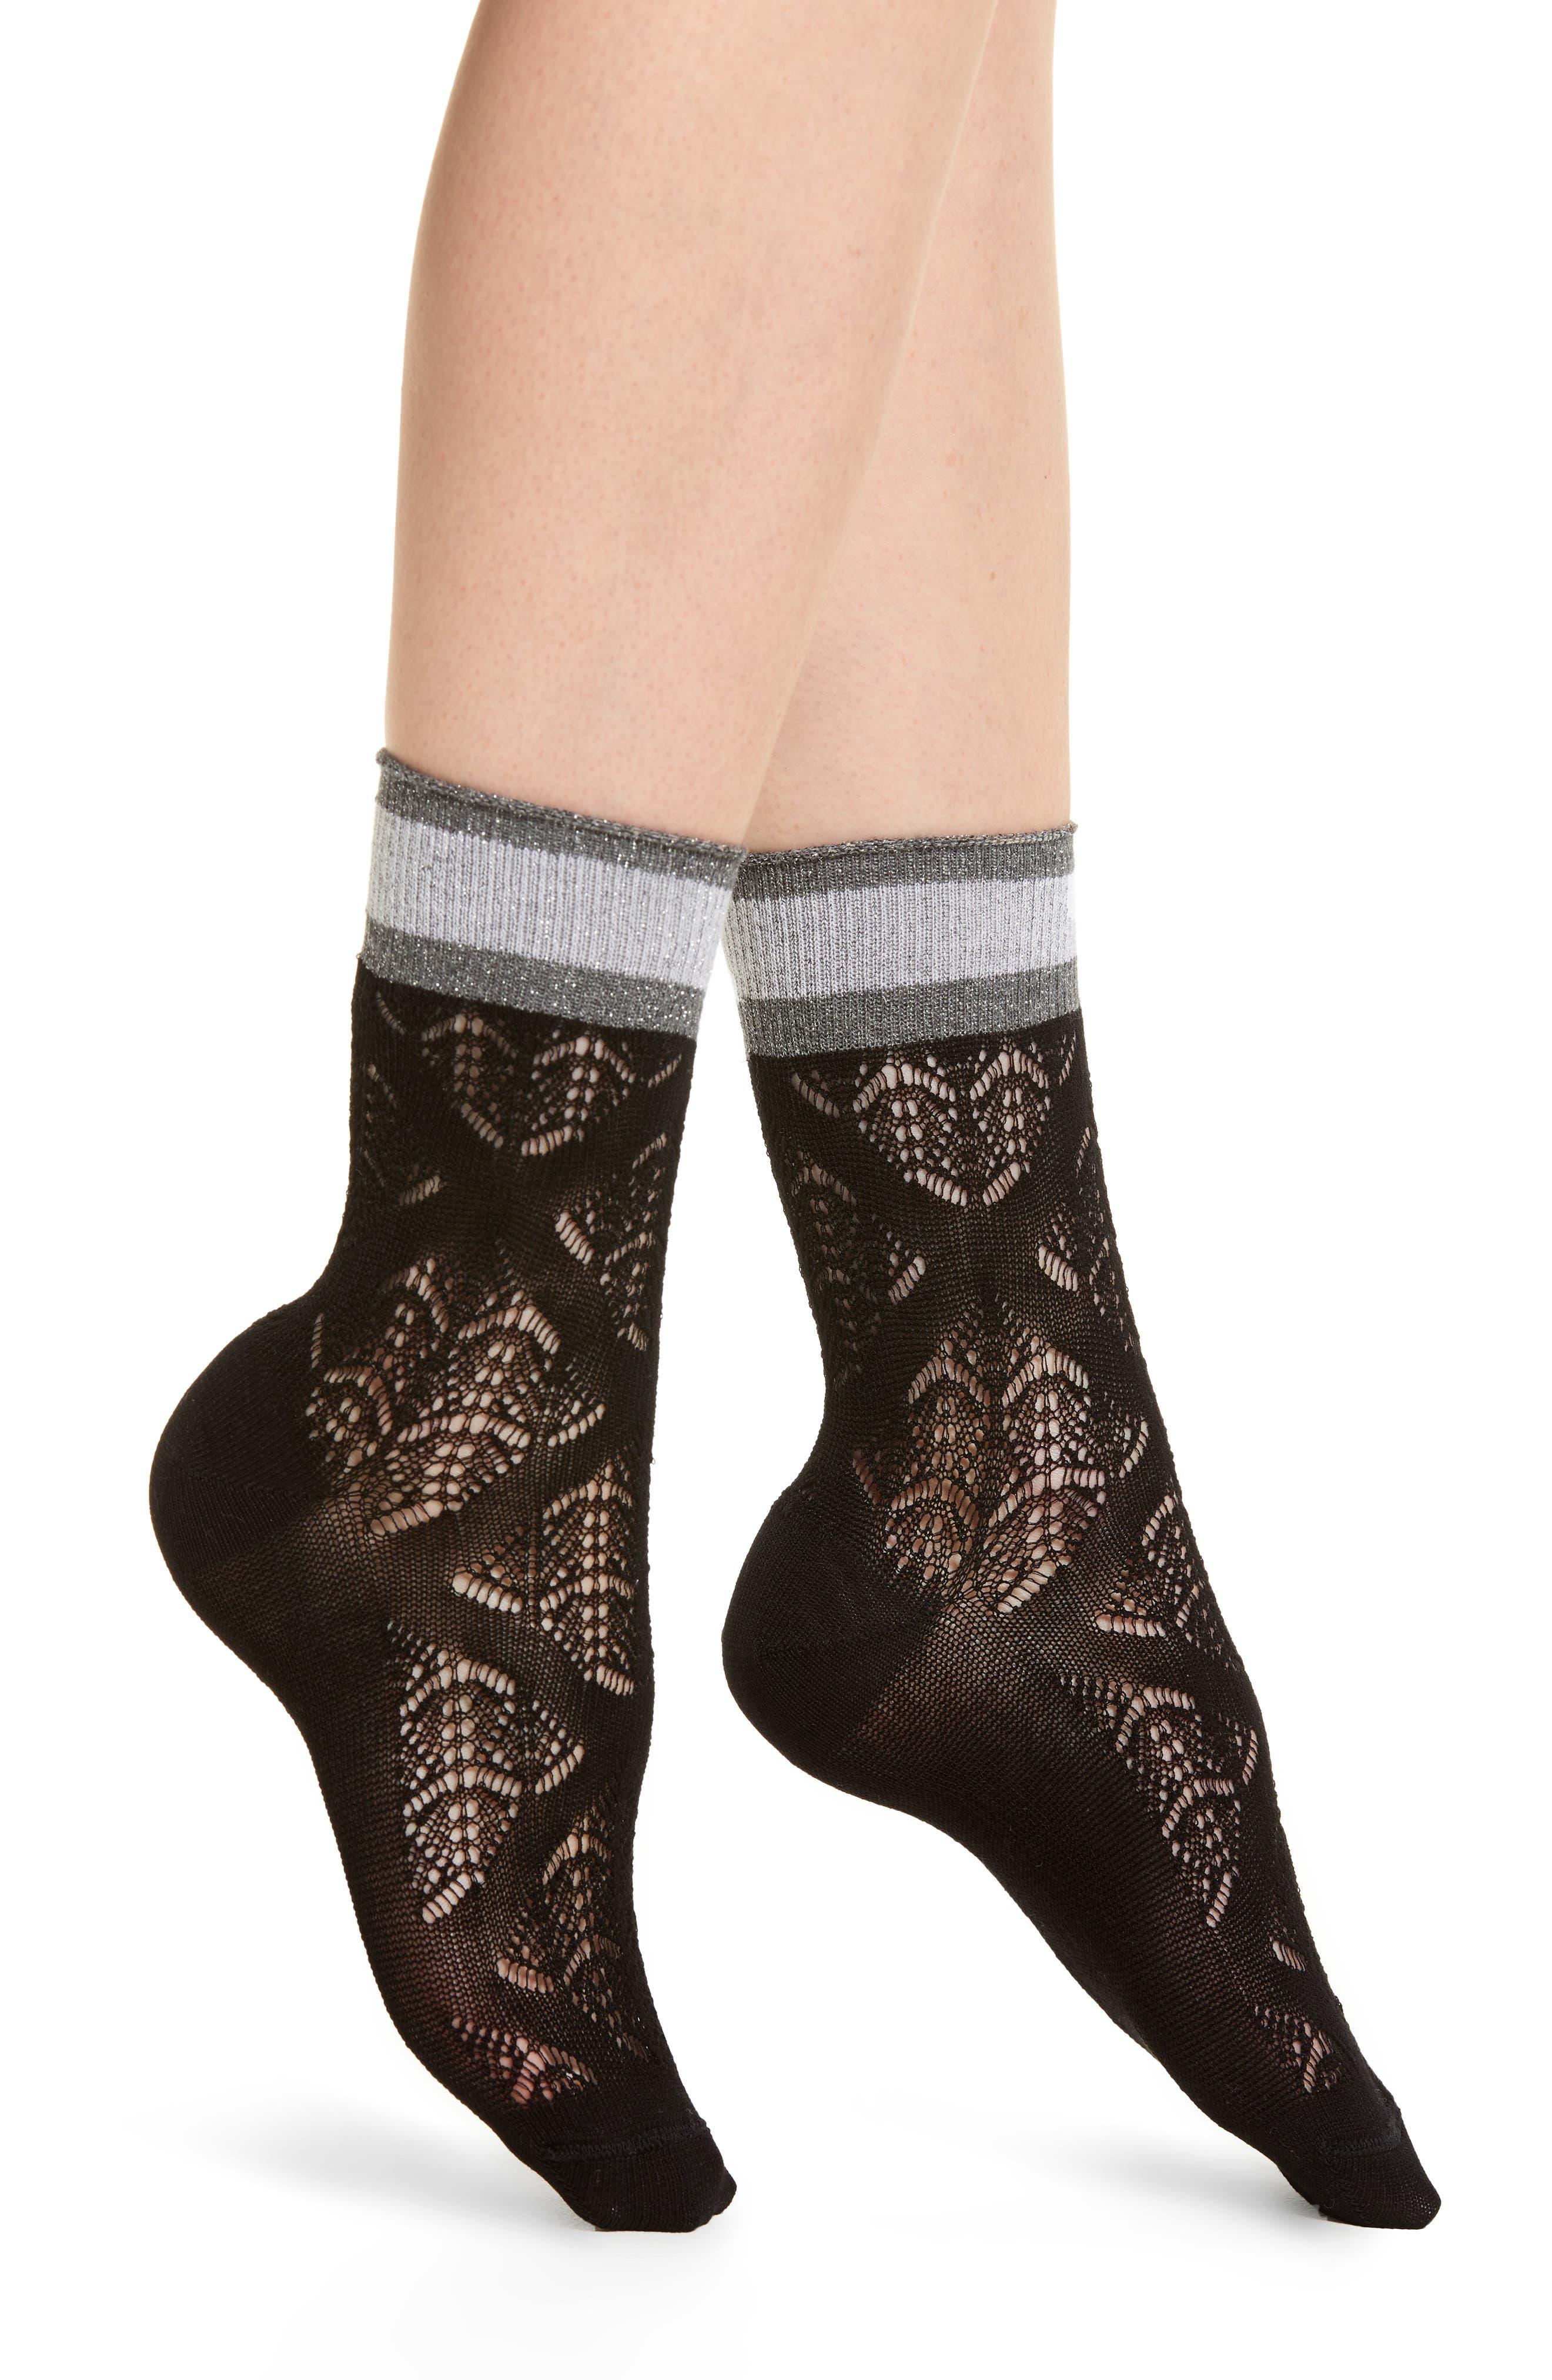 Croquet Trouser Socks,                         Main,                         color, Black